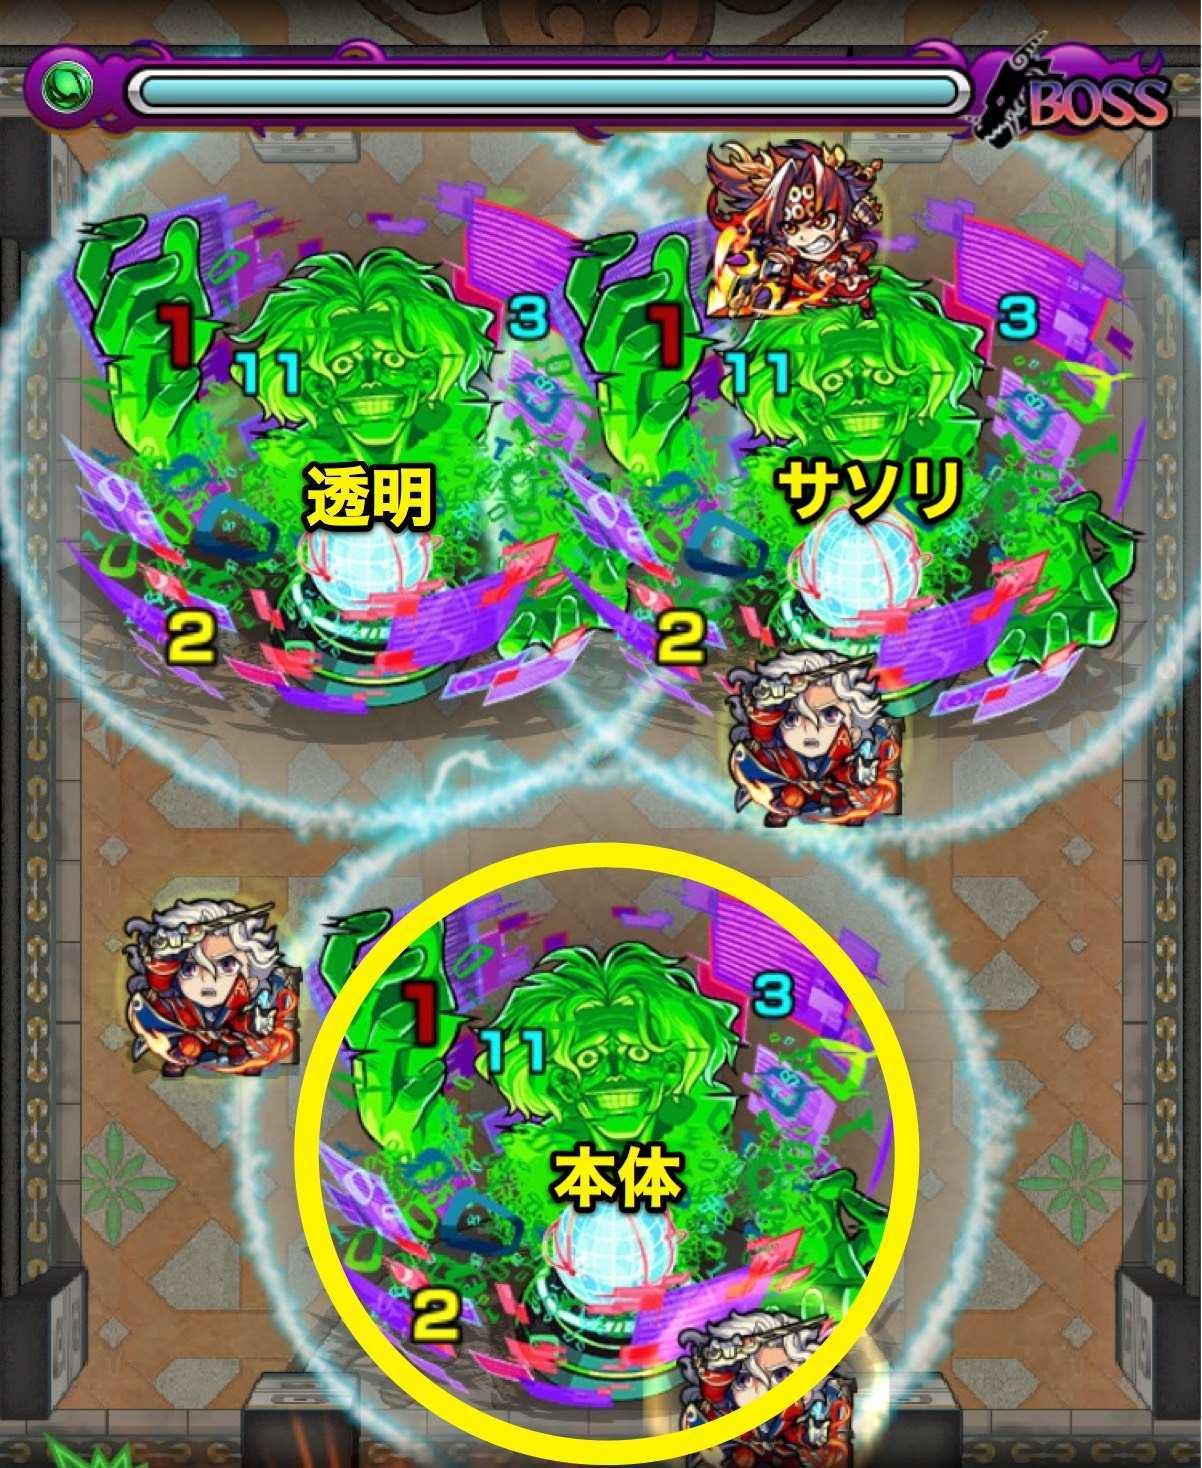 覇者の塔28階ボス1.jpg